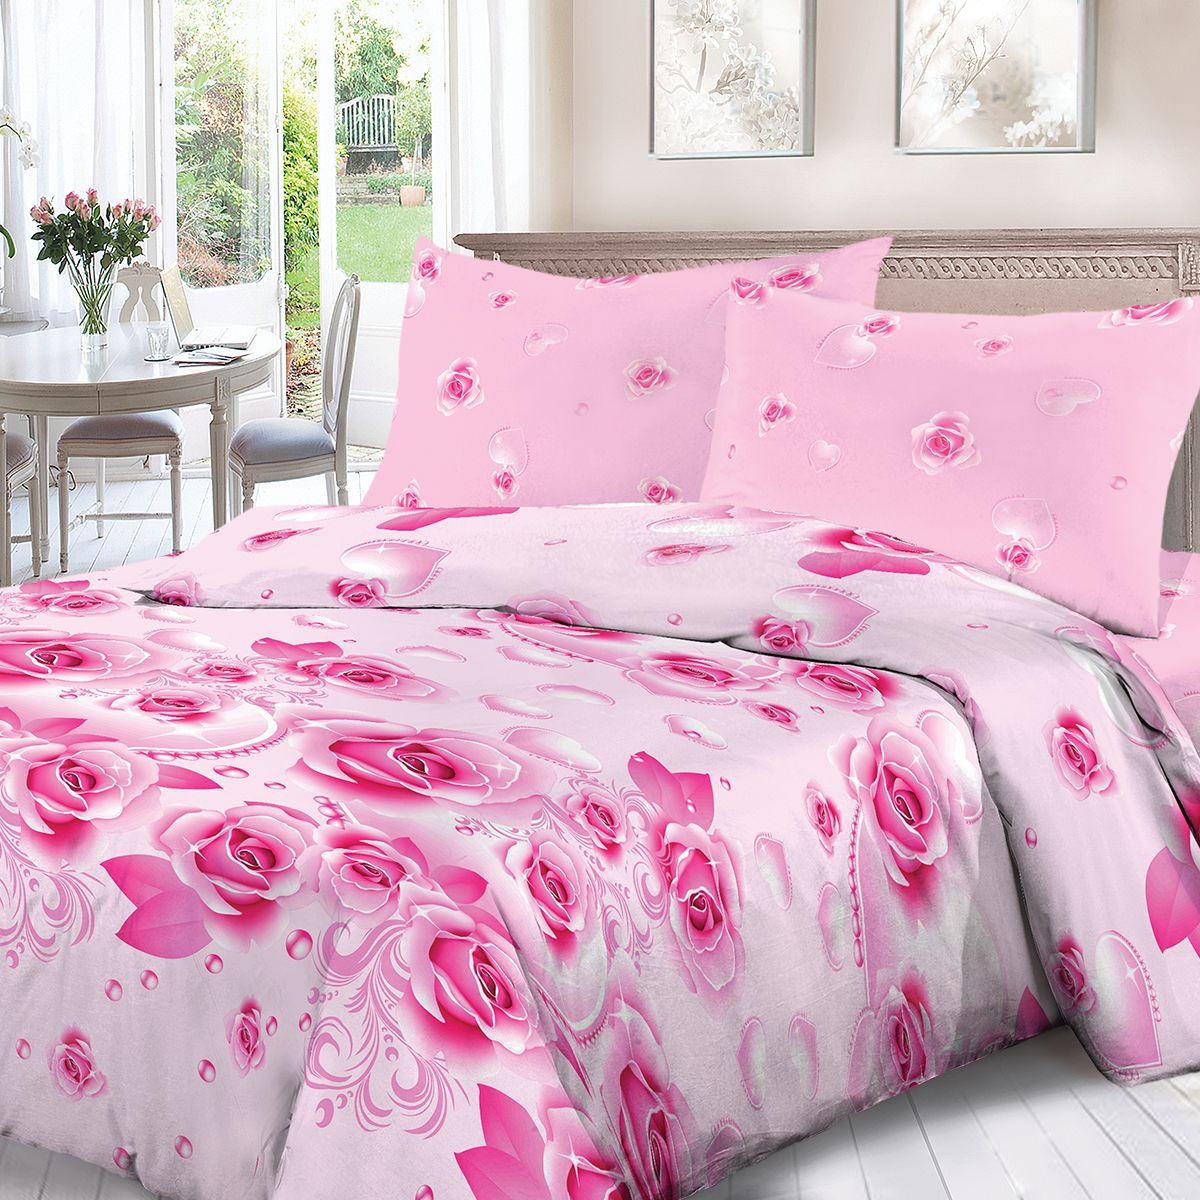 Комплект белья Для Снов Розовый жемчуг, семейный, наволочки 70x70, цвет: розовый. 1553-186470Постельное белье Для Снов, выполненное из высококачественного поплина (ткань Традиция), в составе которого находится только 100% мерсеризованный хлопок - это идеальный выбор современной женщины. Преимущества:- Ткань прочнее обычной, при этом мягкая и шелковистая;- Цвета яркие и устойчивые;- Высокая гигроскопичность;- Меньше мнется, не линяет и не садится при многократных стирках;При производстве используются только безопасные красители ведущего швейцарского производителя BEZEMA.Восхитительная упаковка придает комплекту подарочный вид. В комплекте: 2 пододеяльника (145 х 215 см), 2 наволочки (70х70 см), простыня (220 х 215 см).